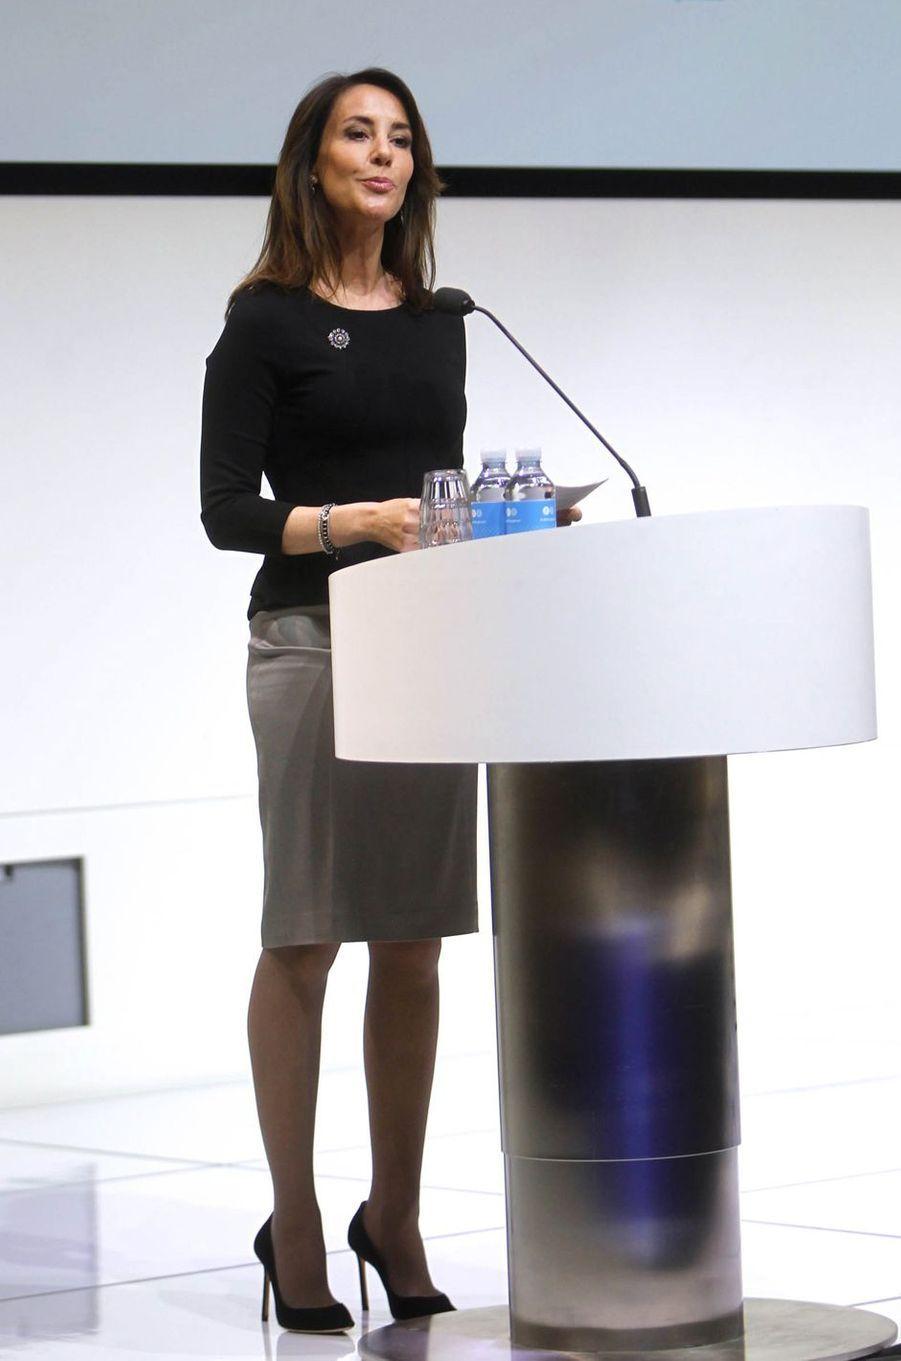 La princesse Marie de Danemark fait un discours en français, le 20 mars 2019 à Copenhague